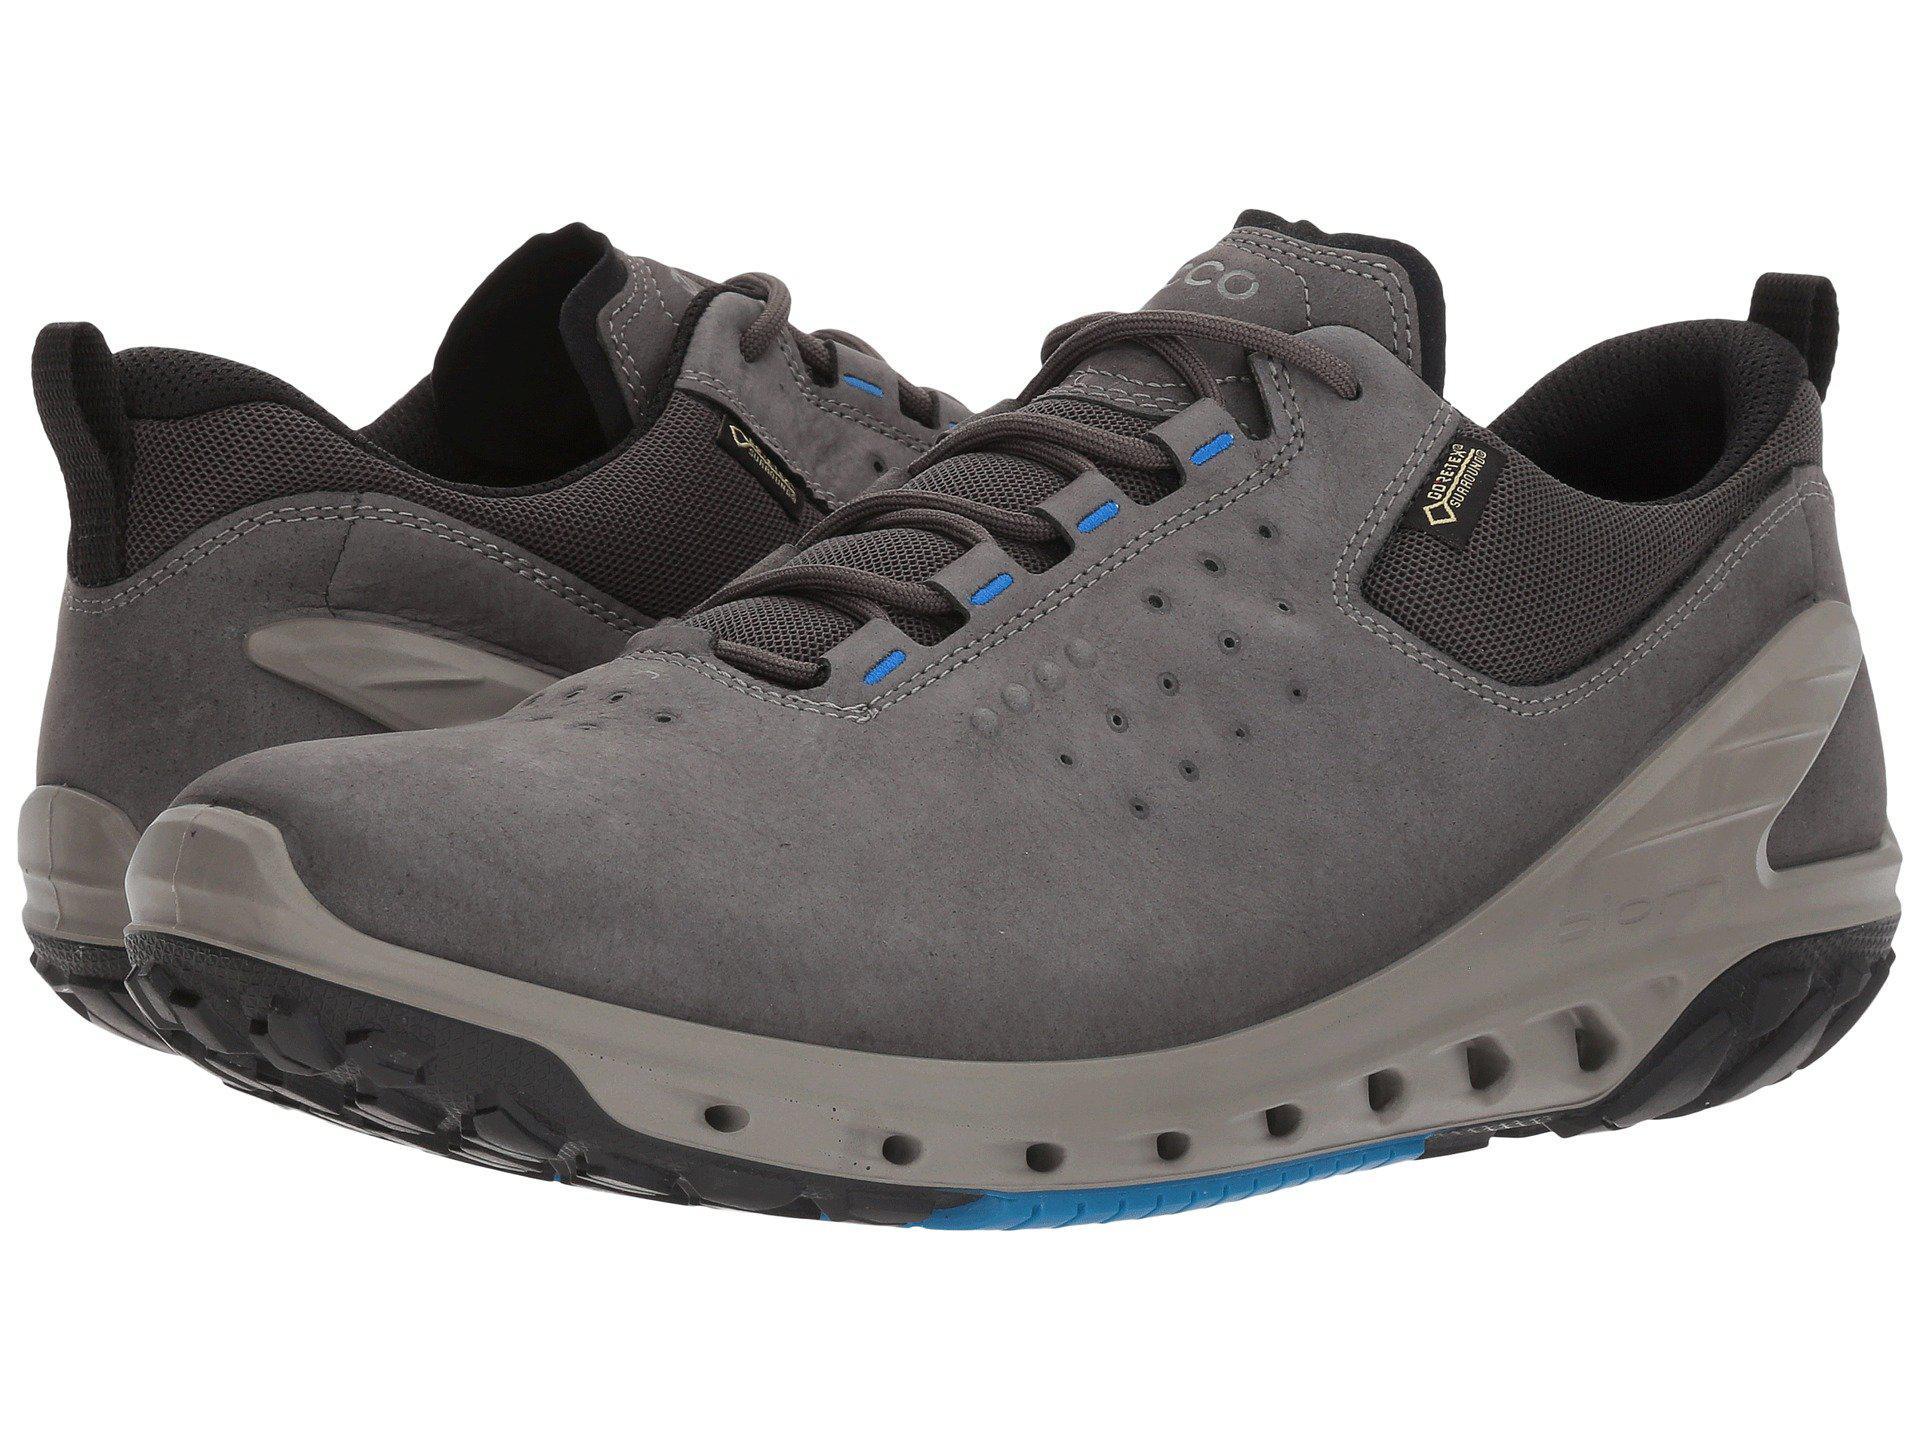 heiße Angebote elegantes und robustes Paket zur Freigabe auswählen Biom Venture Leather Gore-tex Tie Hiking Shoe